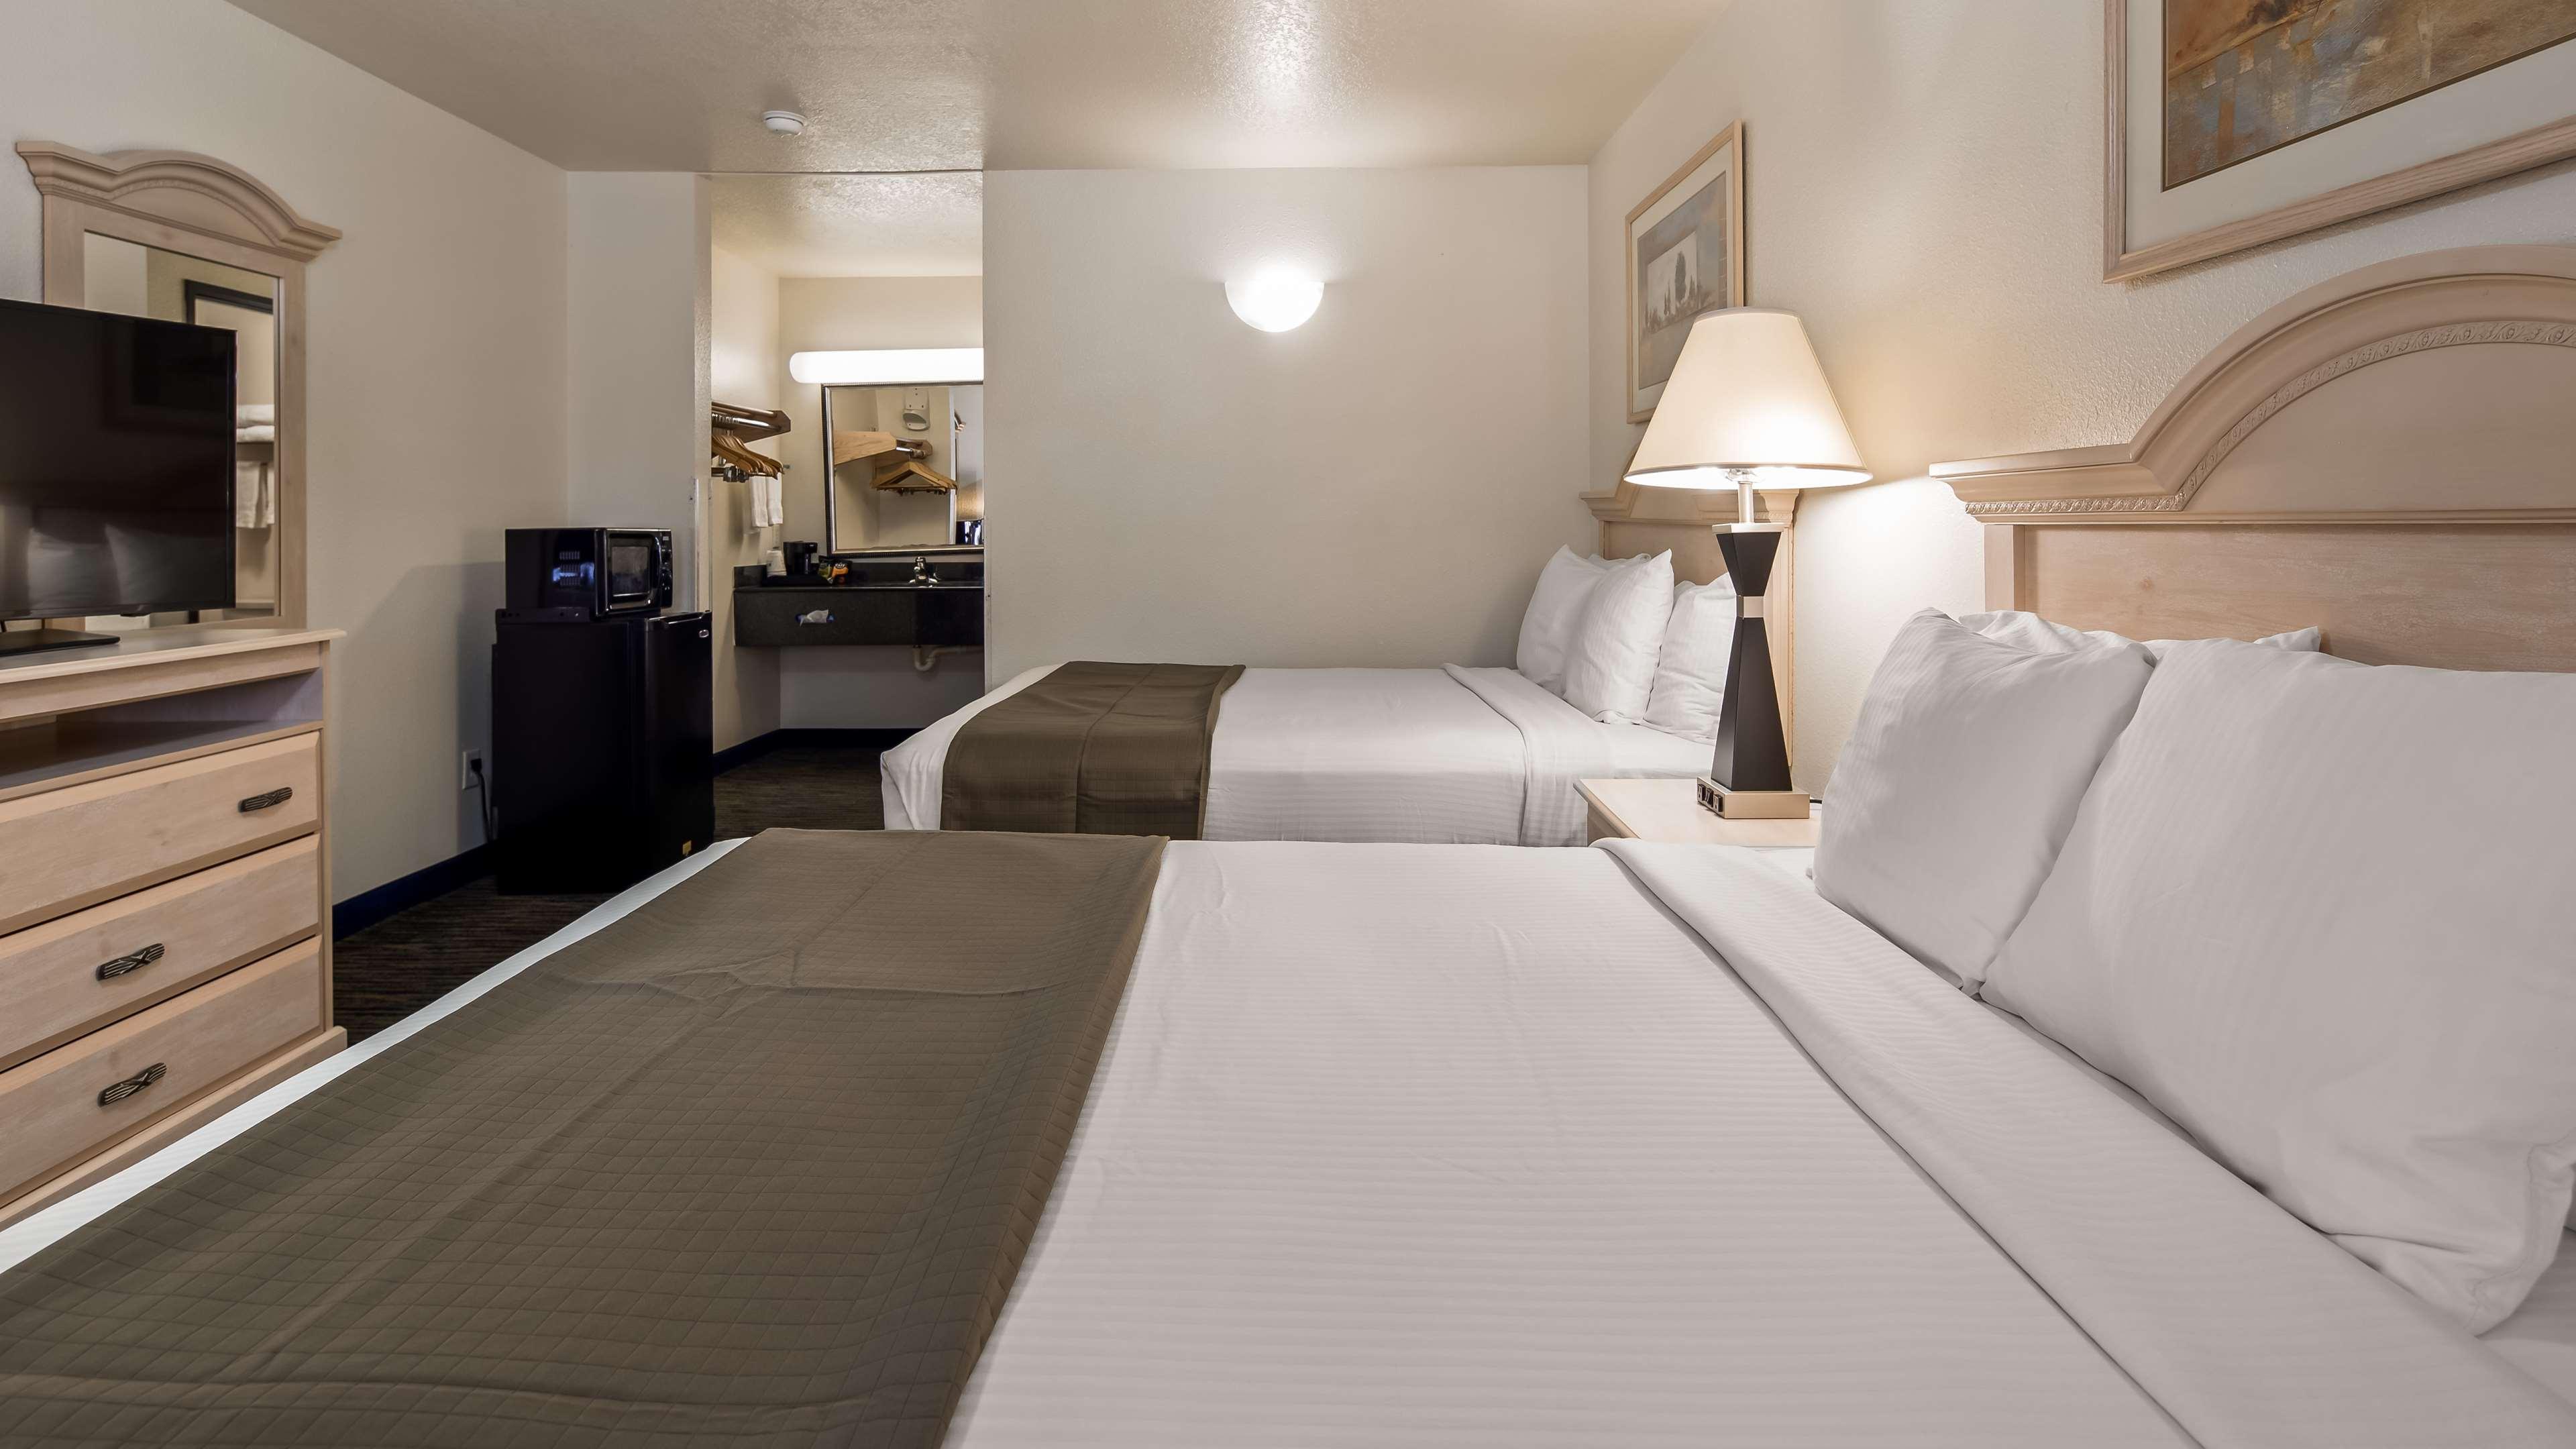 SureStay Hotel by Best Western Falfurrias image 8